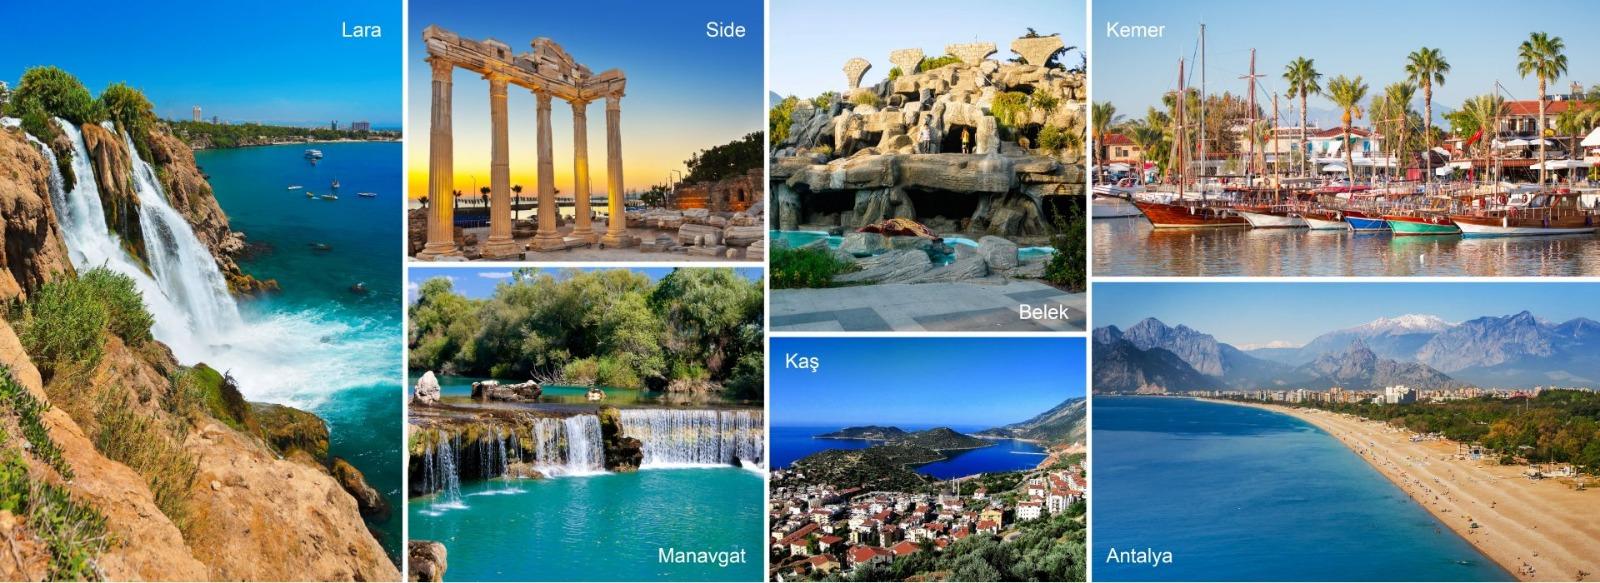 Yasaklar kalktığında, Türkiye'ye çok fazla ziyaret olacak